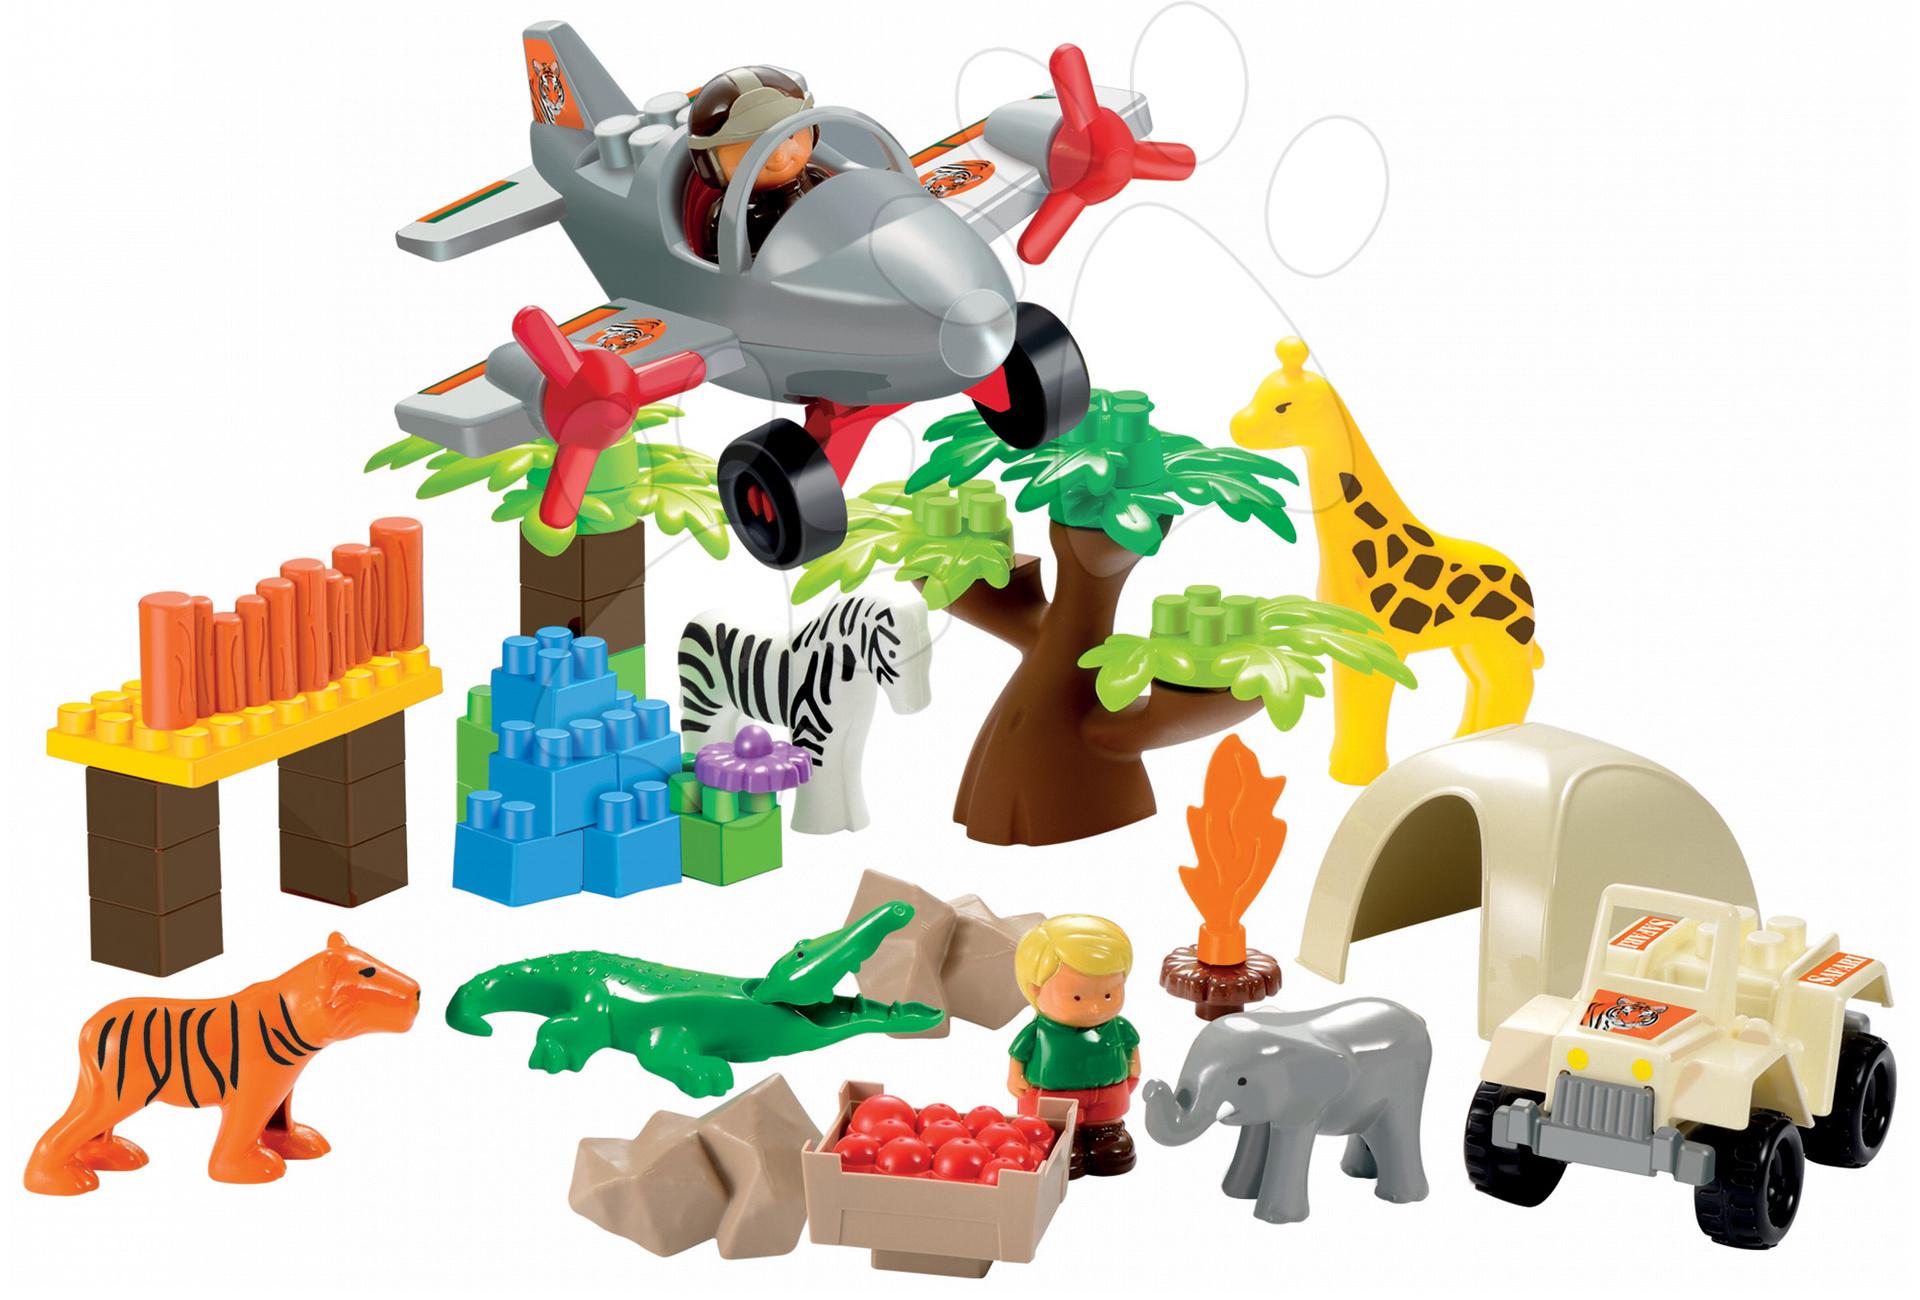 Stavebnice Safari s džunglí, letadlem a autem Abrick Écoiffier 2 figurkami 59 dílů od 18 měsíců